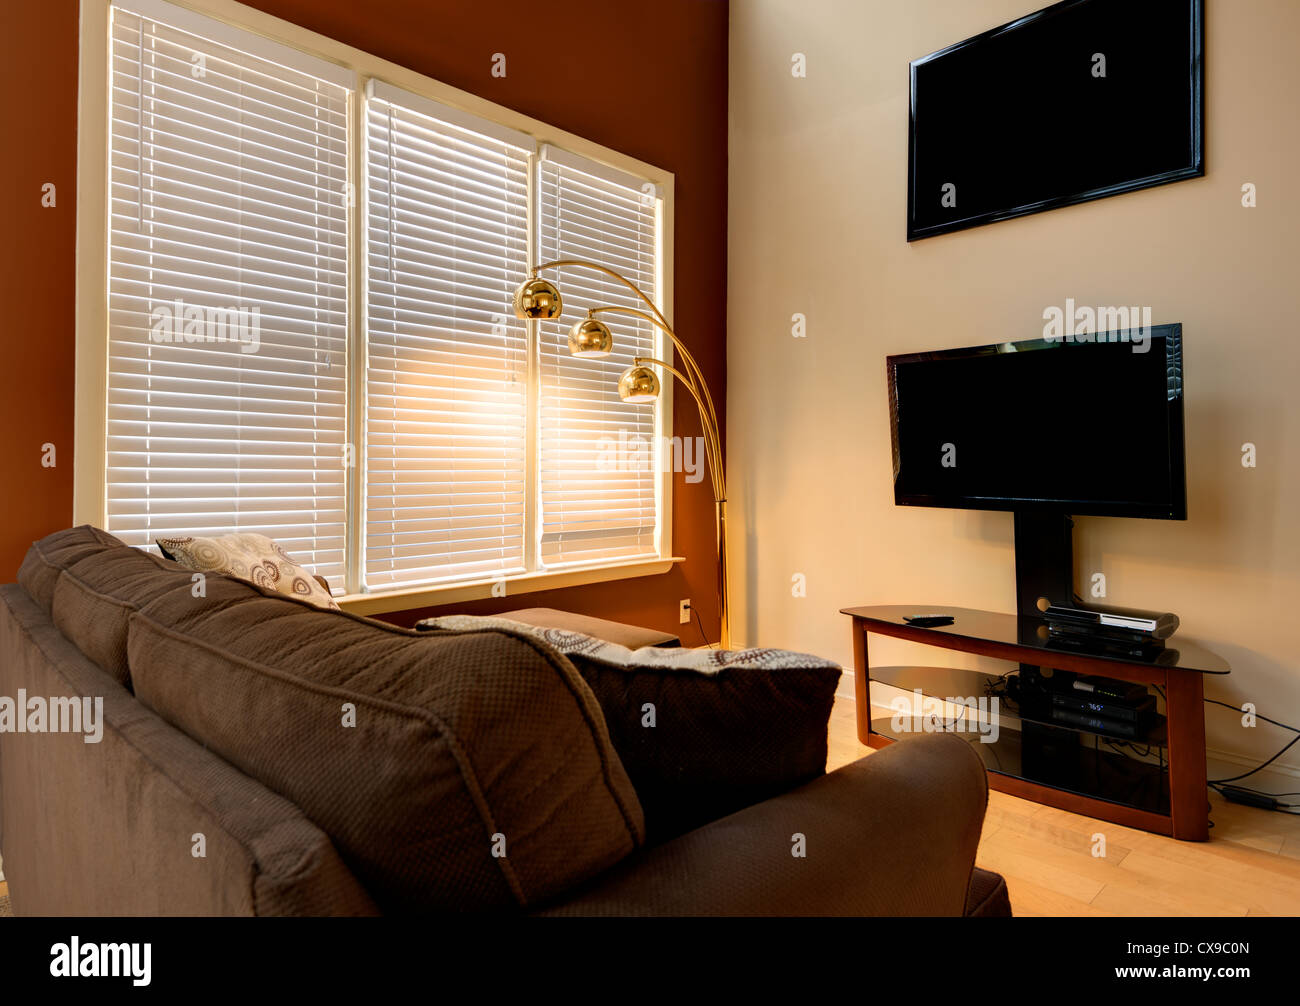 Den in a home interior - Stock Image